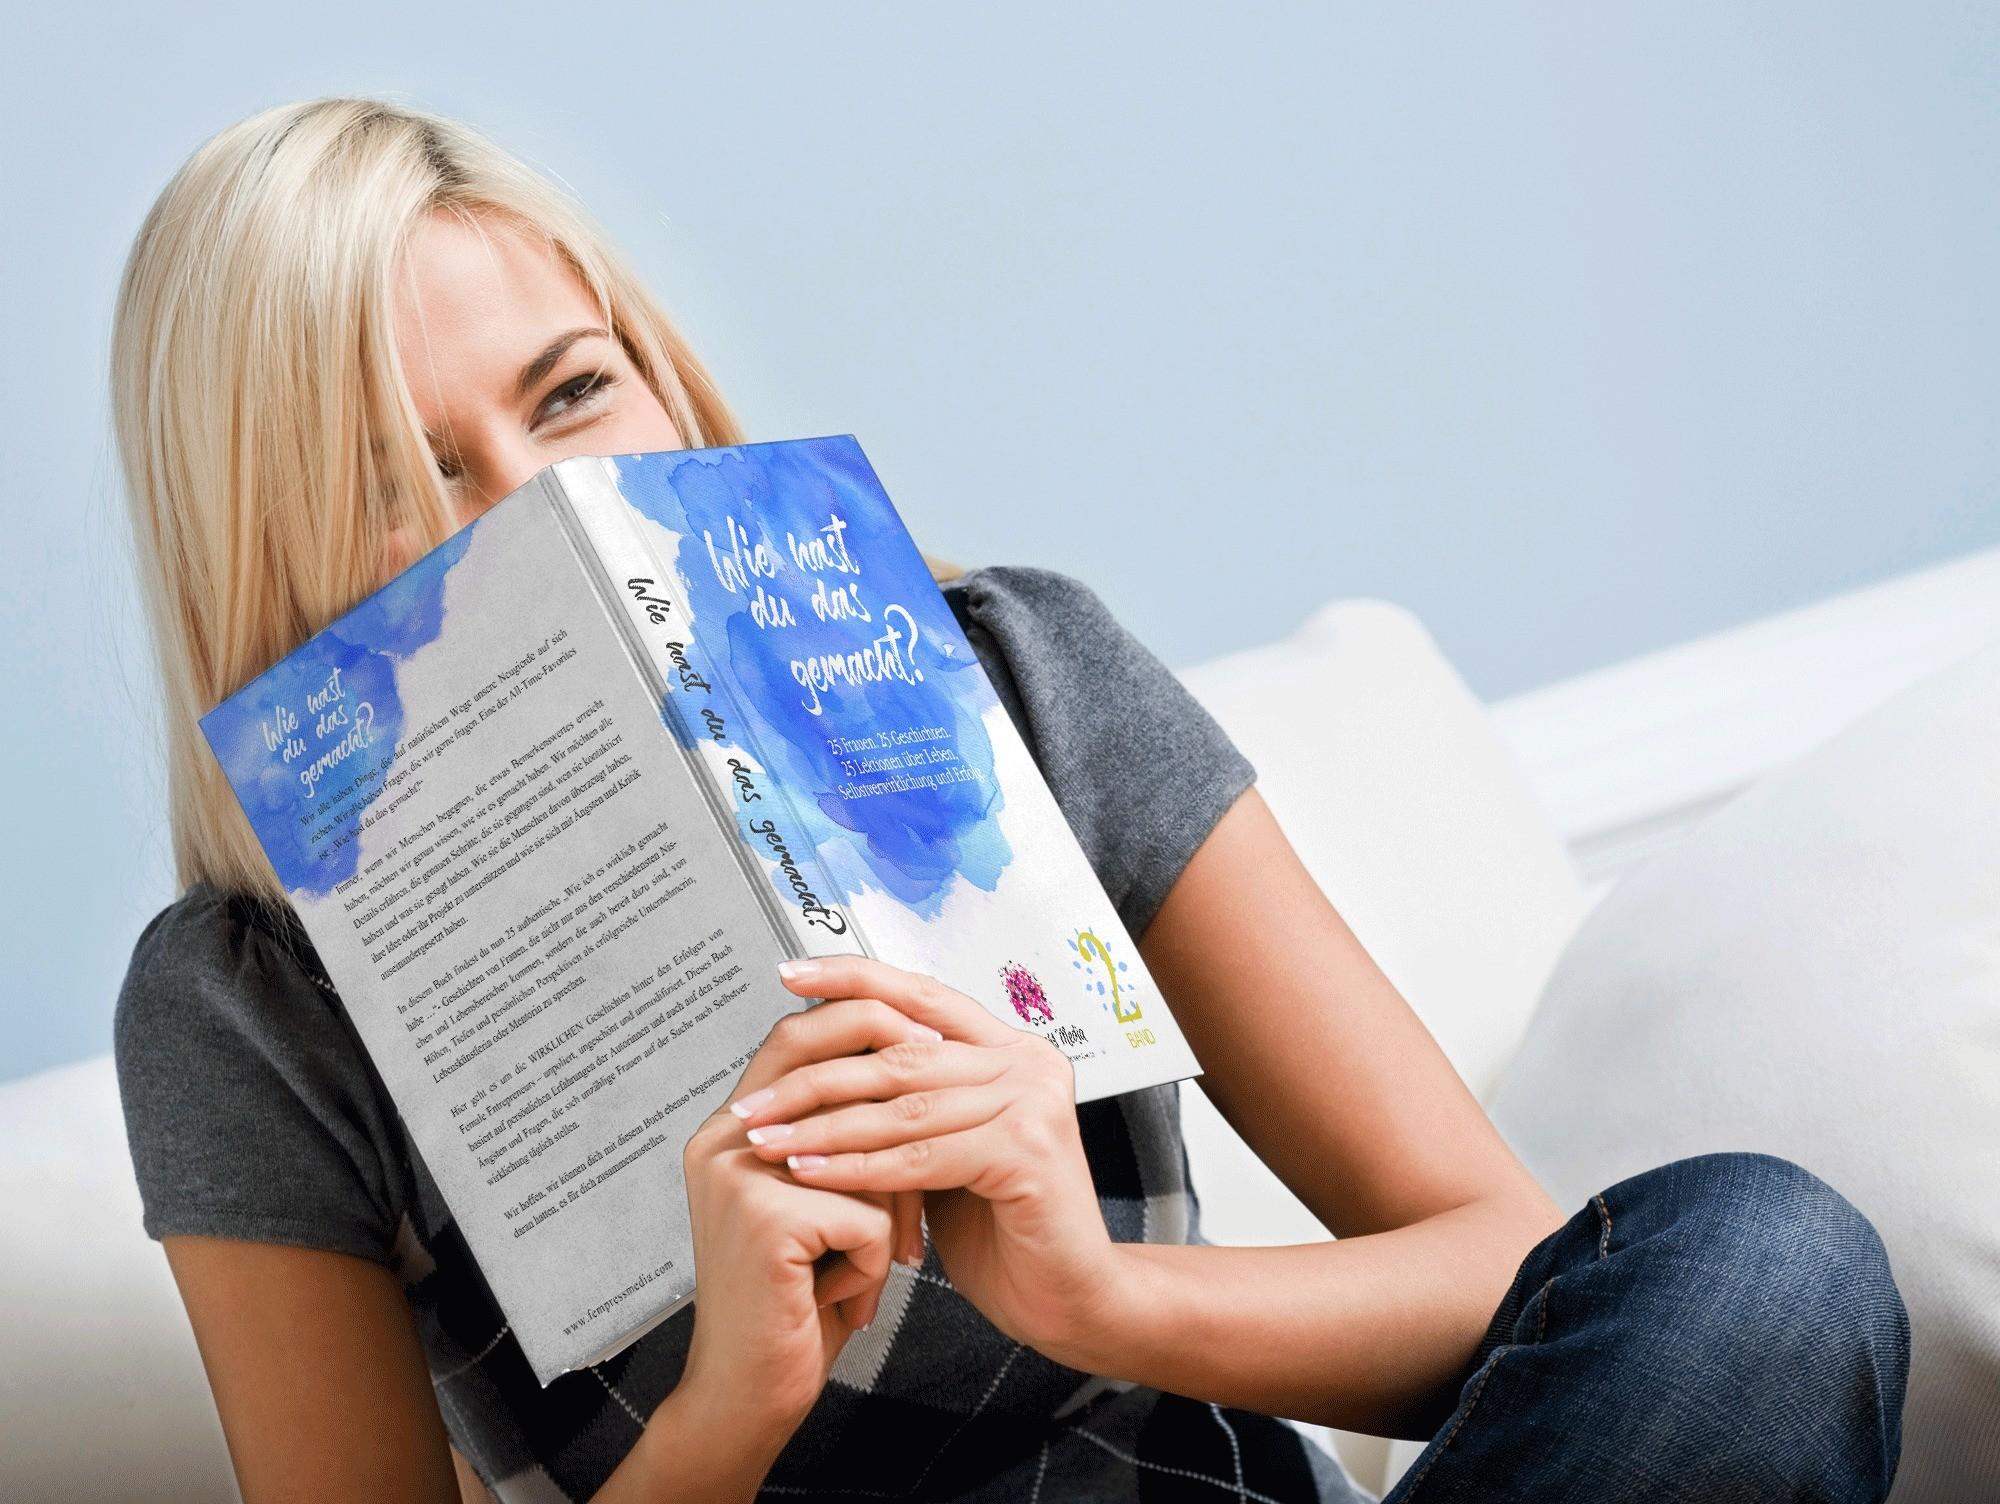 Der Traum Autorin zu sein! Wie du dein eigenes Buch schreibst